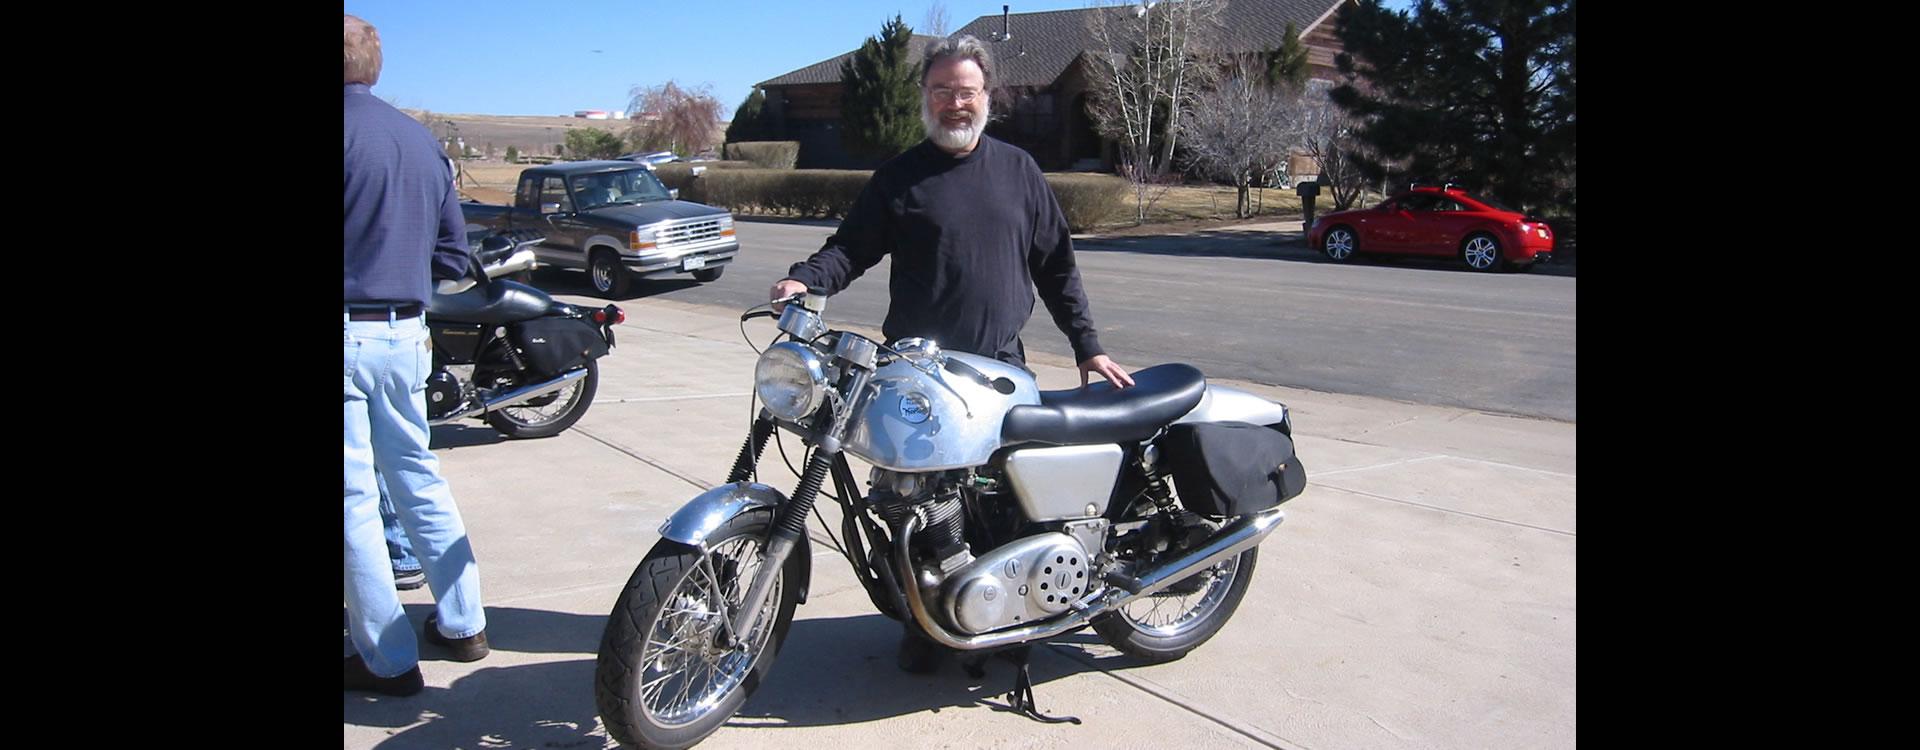 Moto Vintage Italian, Colorado Enthusiasts